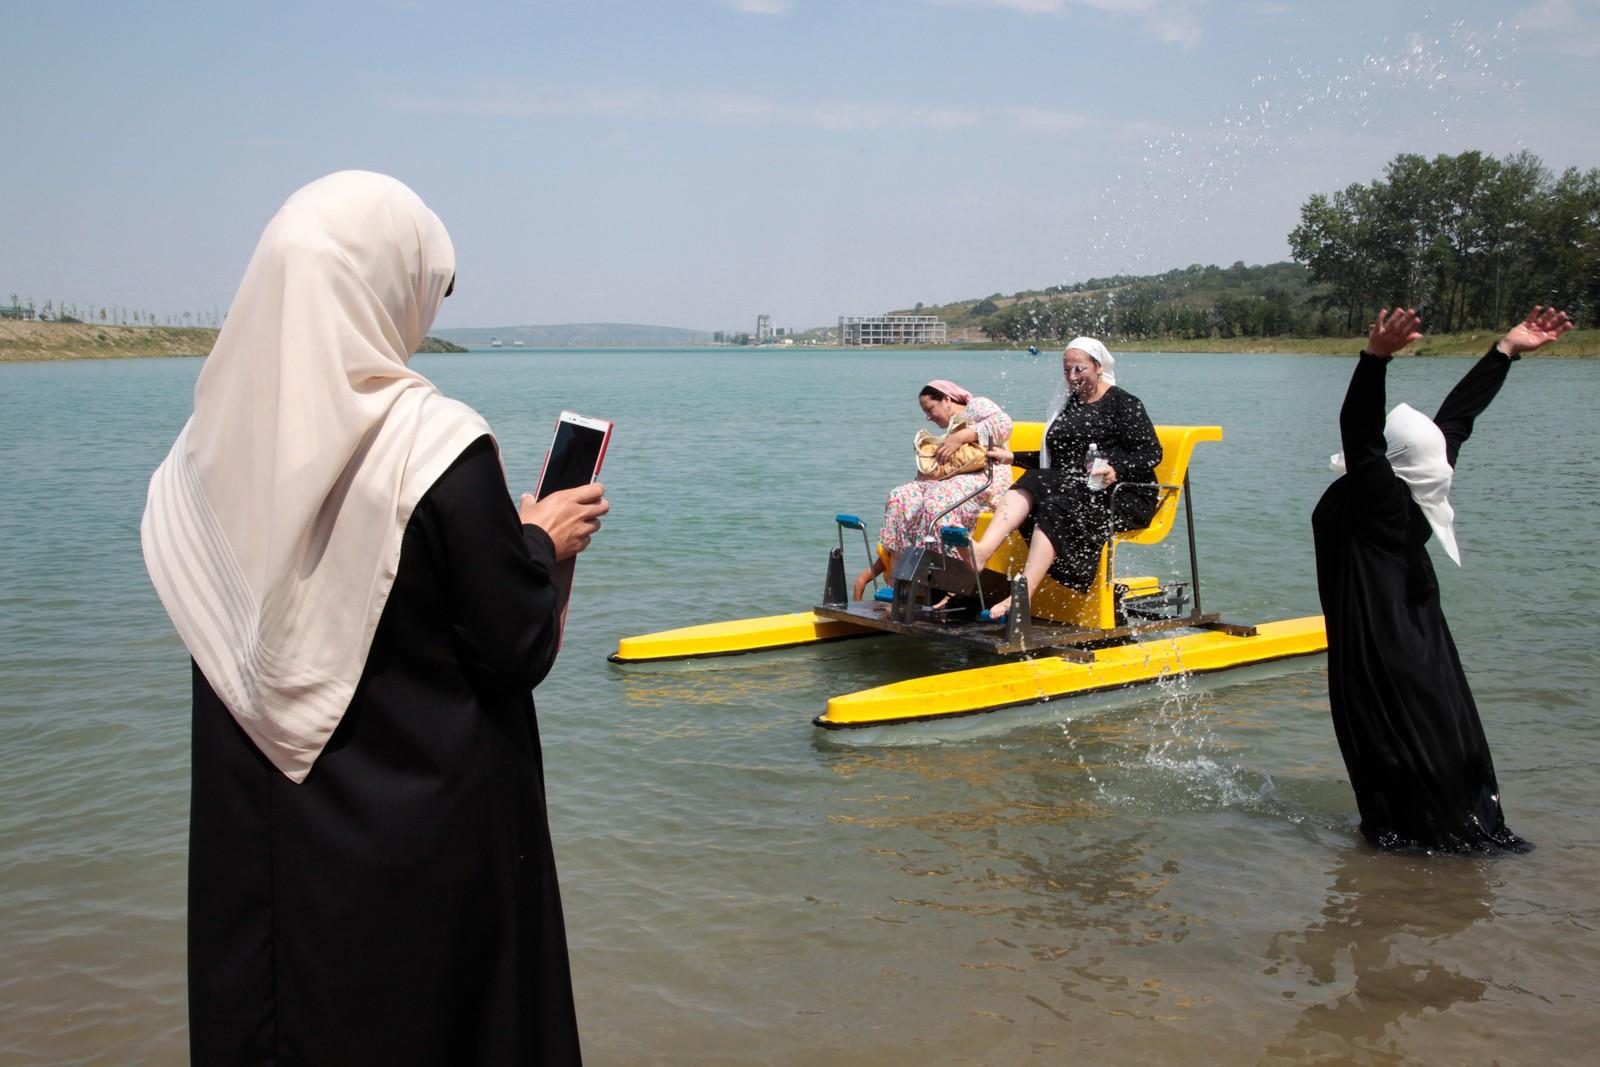 Tsjetsjenske kvinner bader i utkanten av Grozny i Tsjetsjenia. Denne stranden er fra nå av bare forbeholdt kvinner etter at nye islamske lover tredde i kraft denne uken.